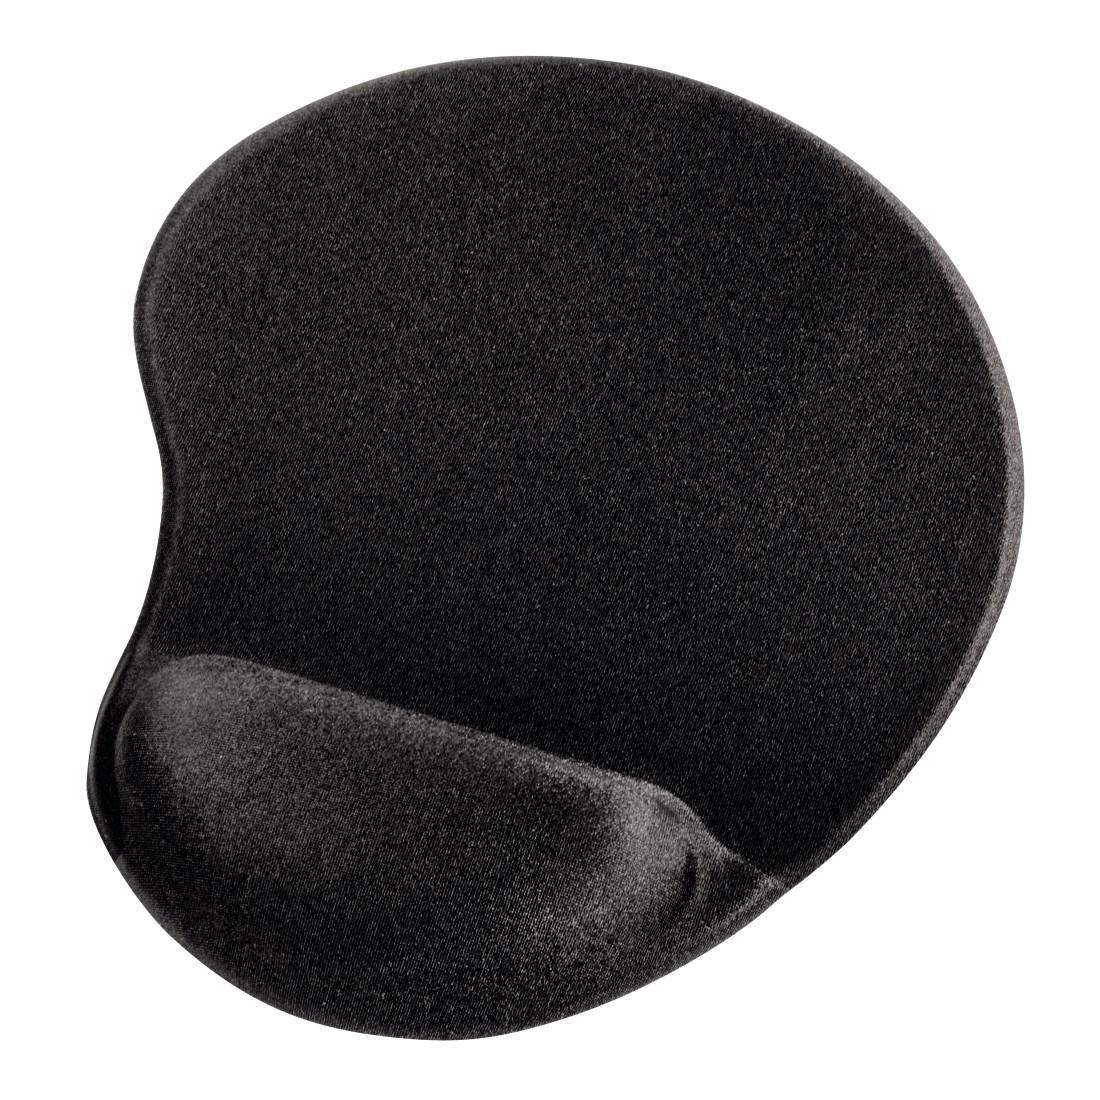 Пад за мишка HAMA Ergonomic 54779, Текстил, Черен